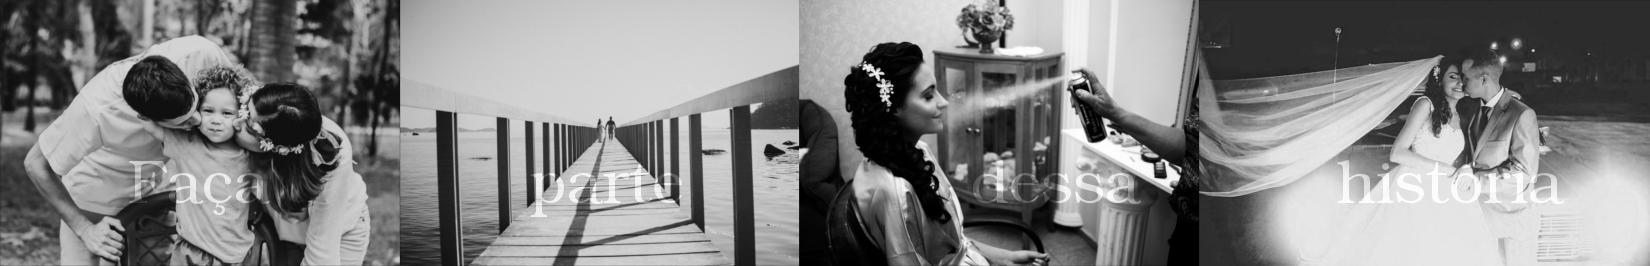 Contate Lya Rocher Fotografia - Eternize sua História de Amor conosco!